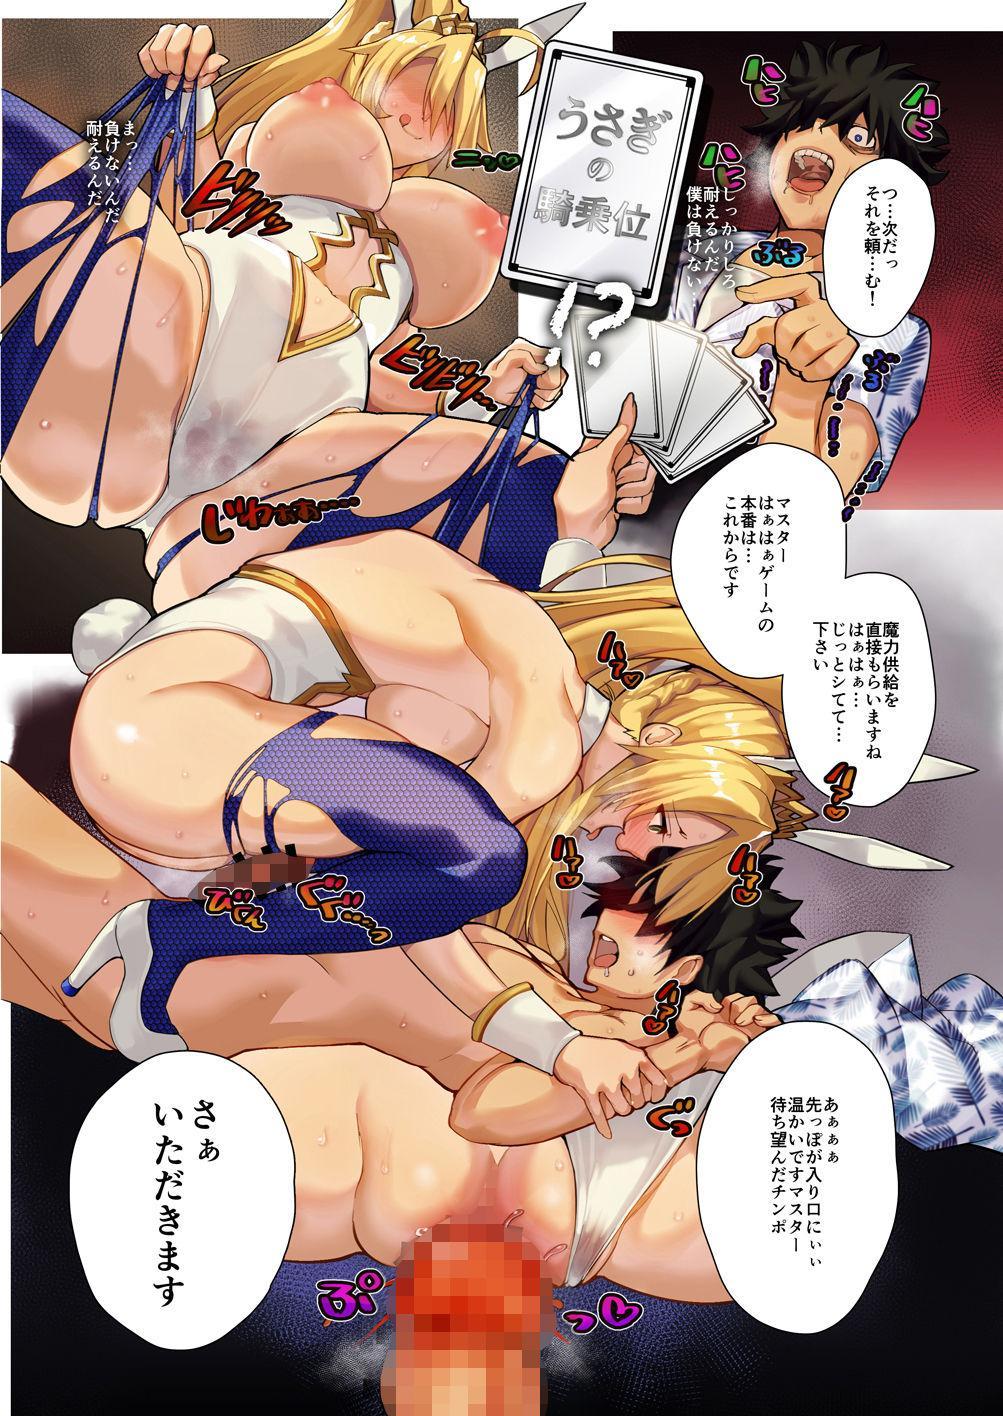 Kinpatsu Bunny to H na Game Shimasu 2&1 6